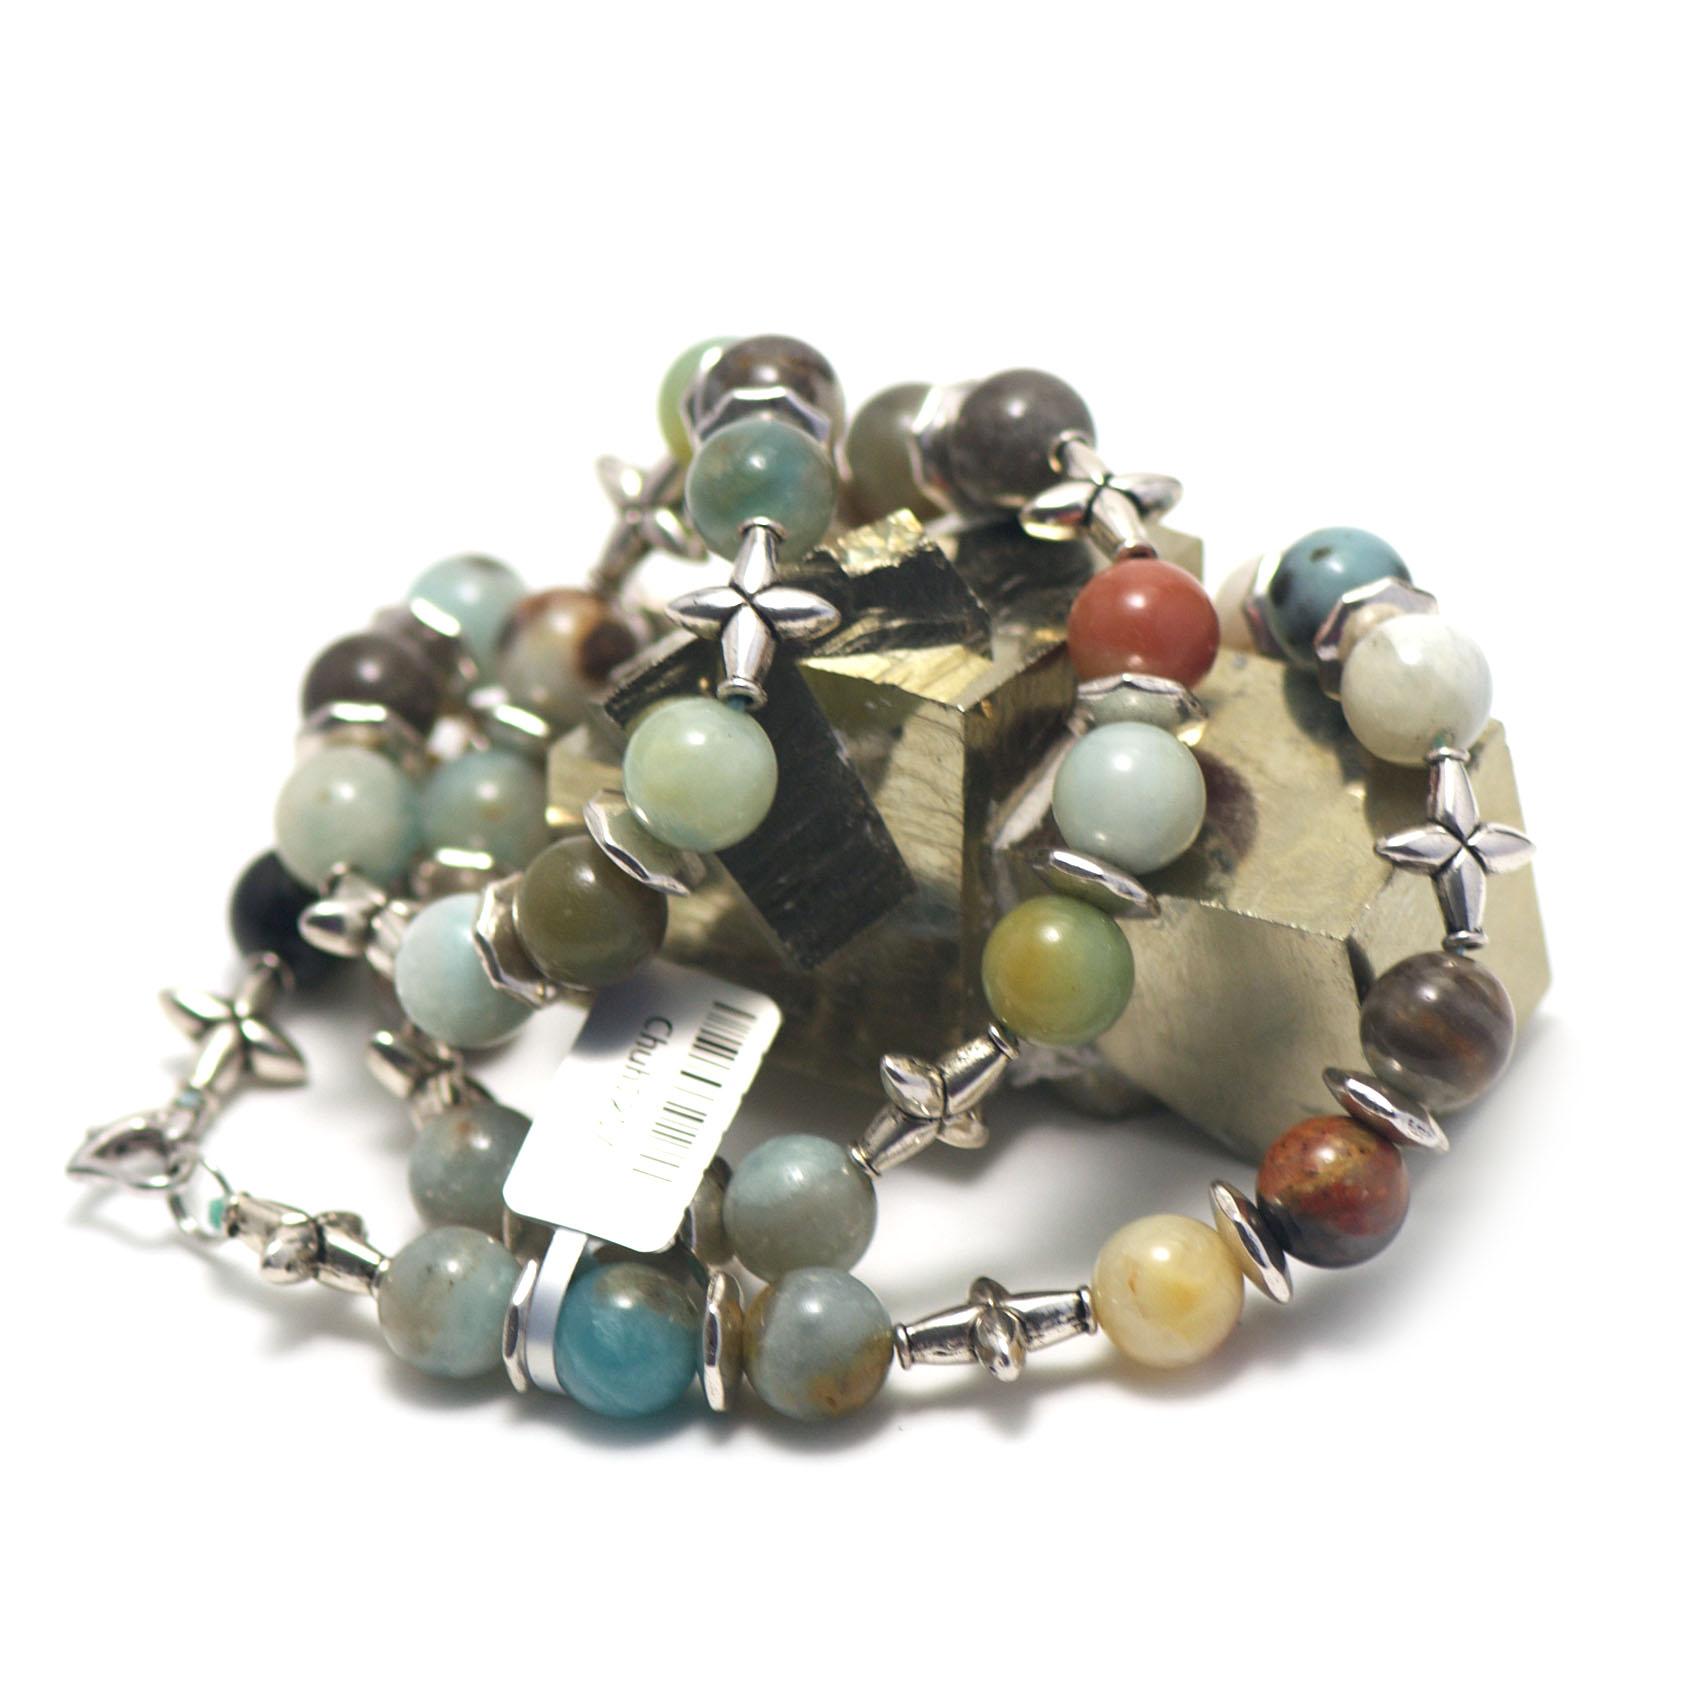 collier mi-long amazonite brut ,  perle ronde 10 mm - perle argentée